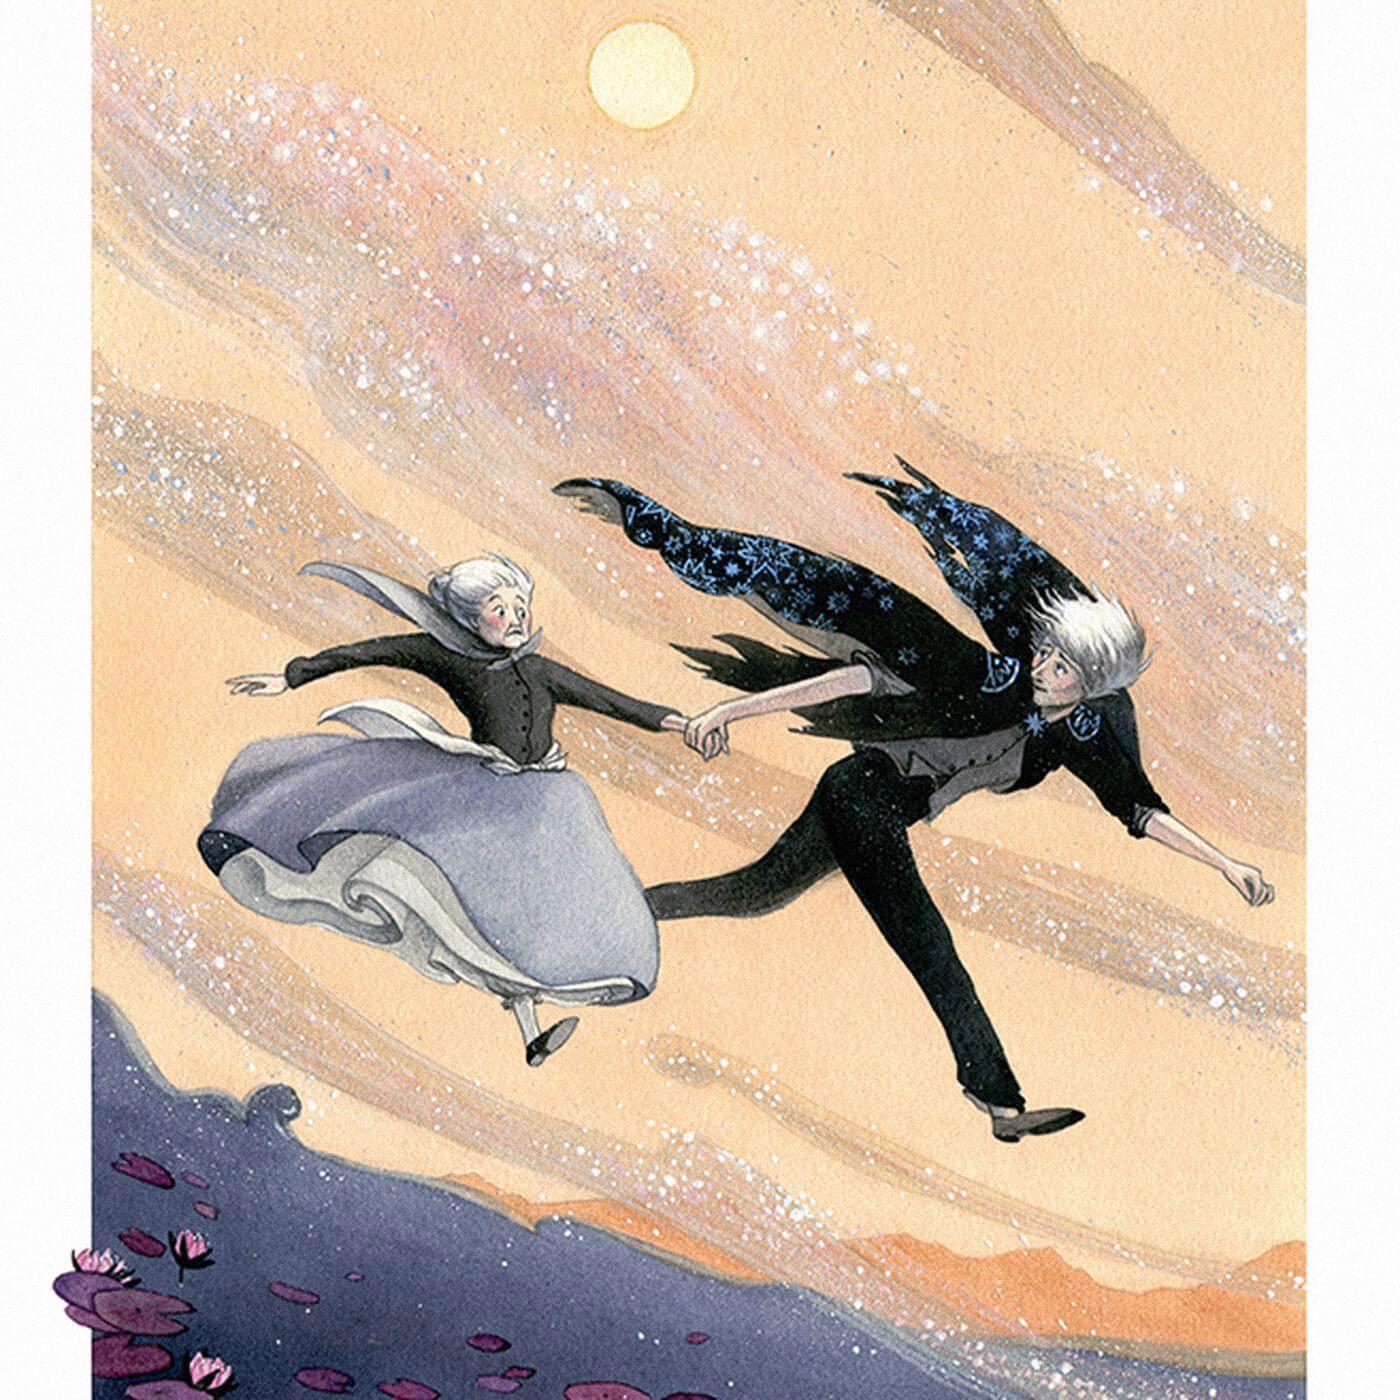 Иллюстрация к роману «Ходячий замок». Источник: vox.com